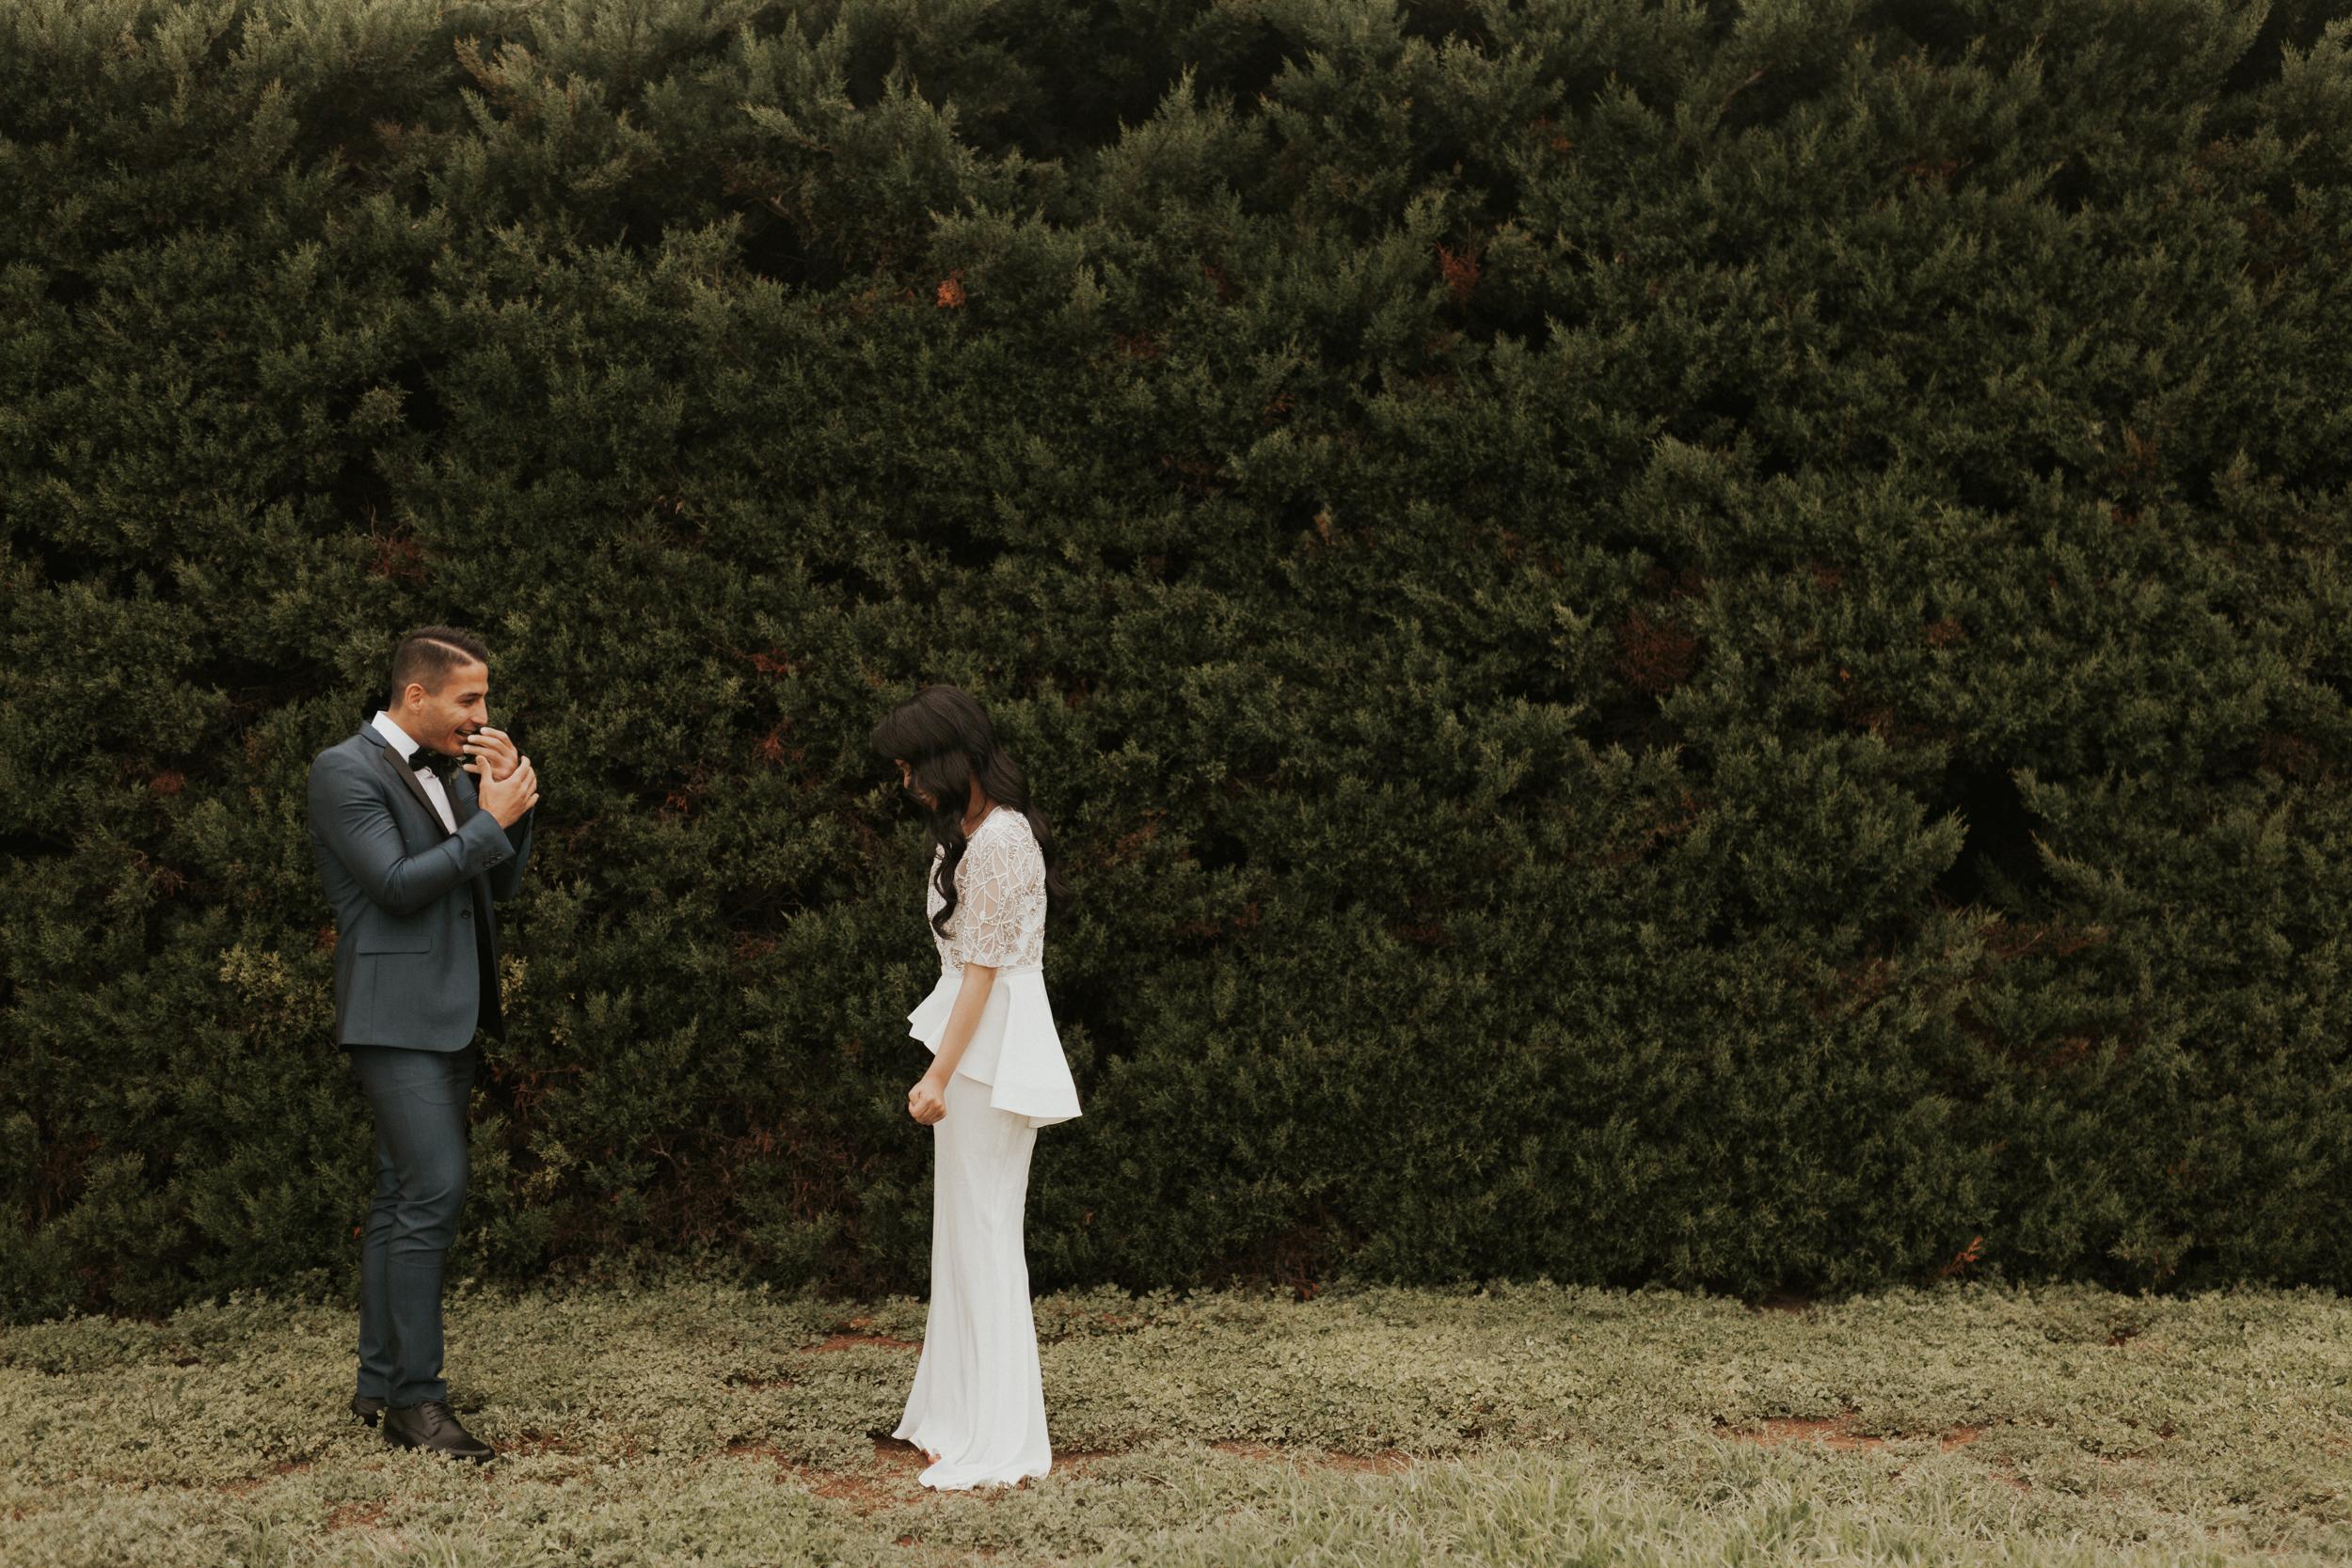 Melbourne-Fitzroy-Treasury-Gardens-wedding-EmotionsandMath-034.jpg